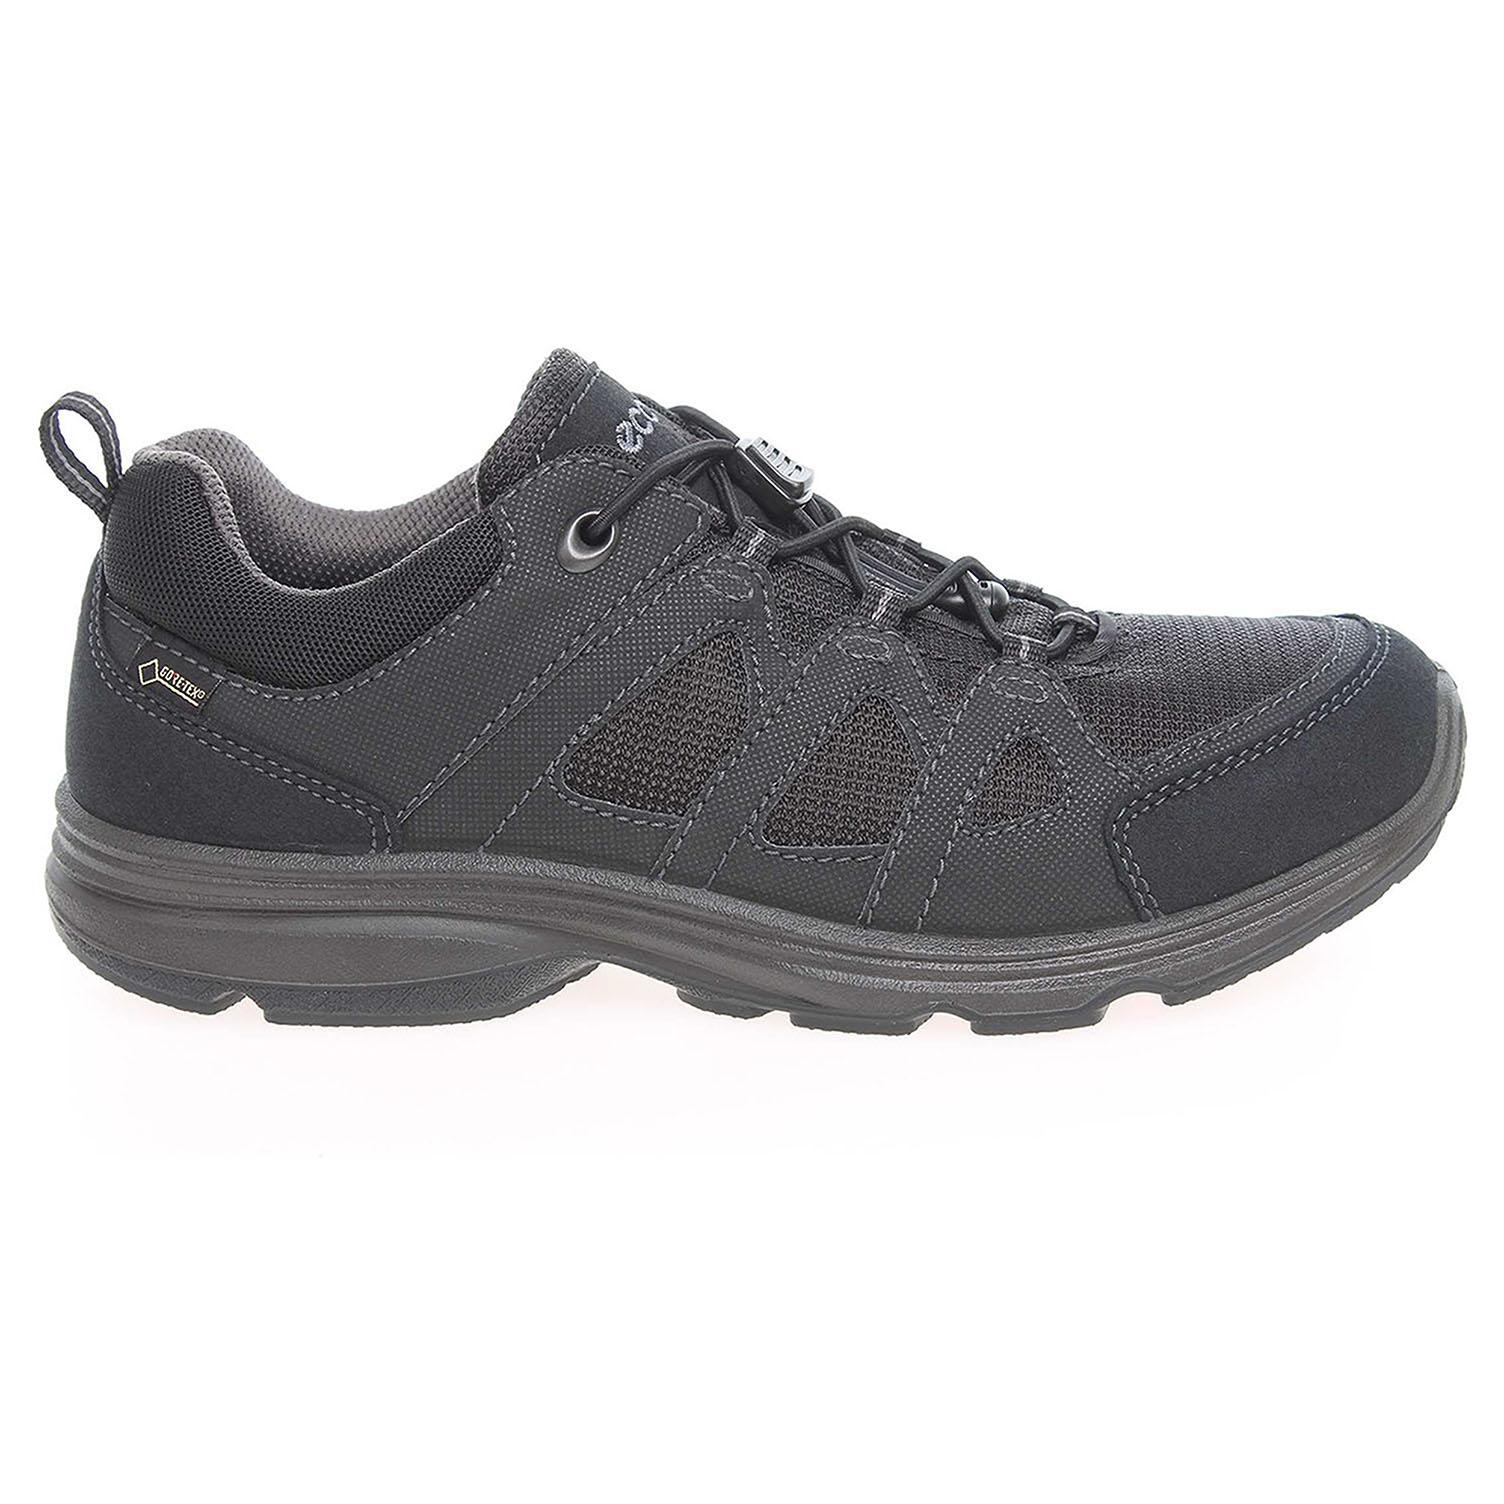 Ecco Light IV dámská obuv 83602351052 černá 41